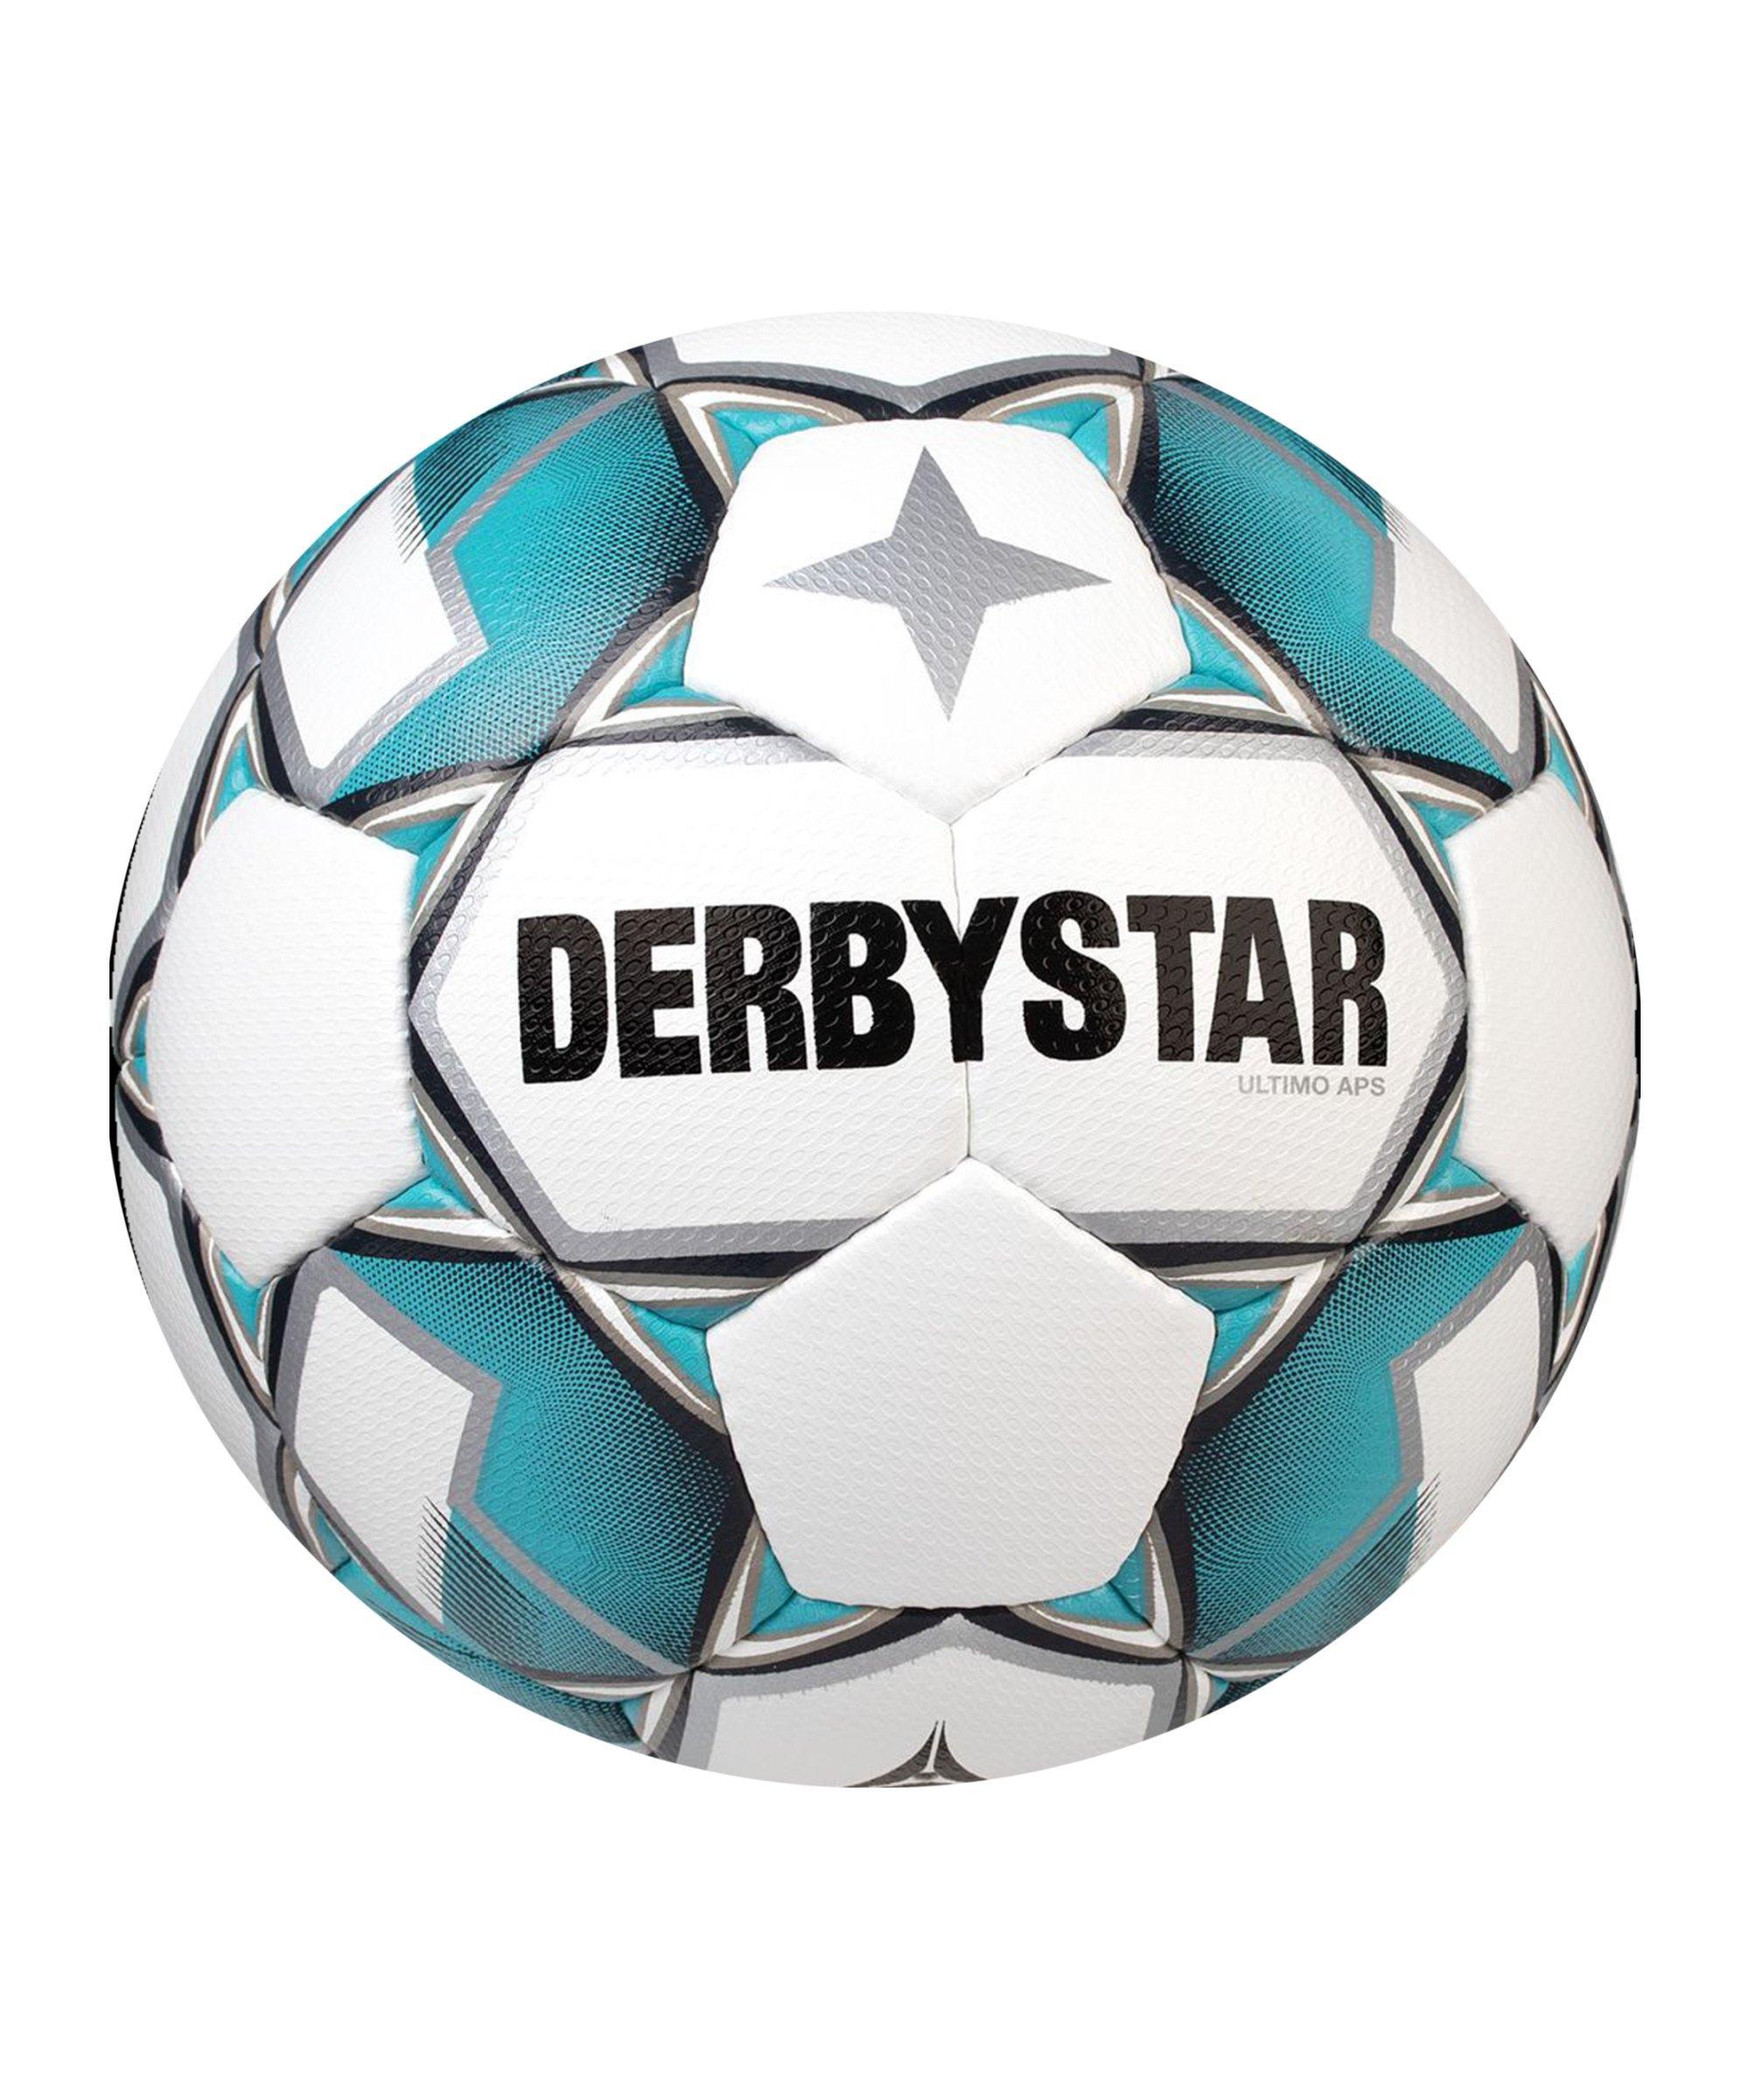 Derbystar Ultimo APS V20 Spielball Weiss Blau F169 - weiss